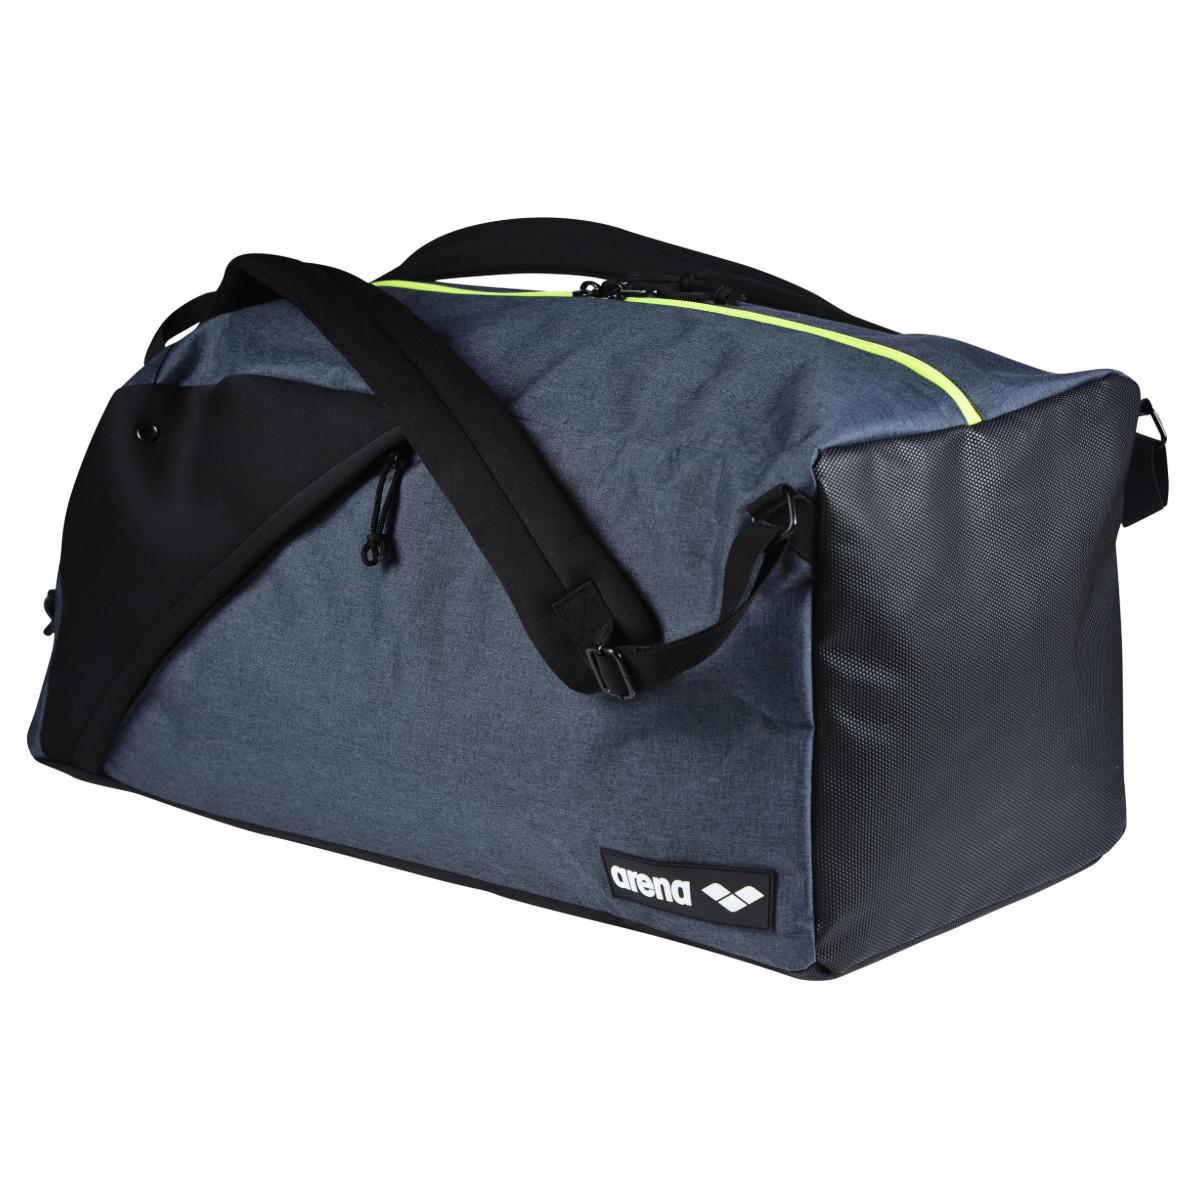 arena Fast Hybrid 55 Backpack - grey melange